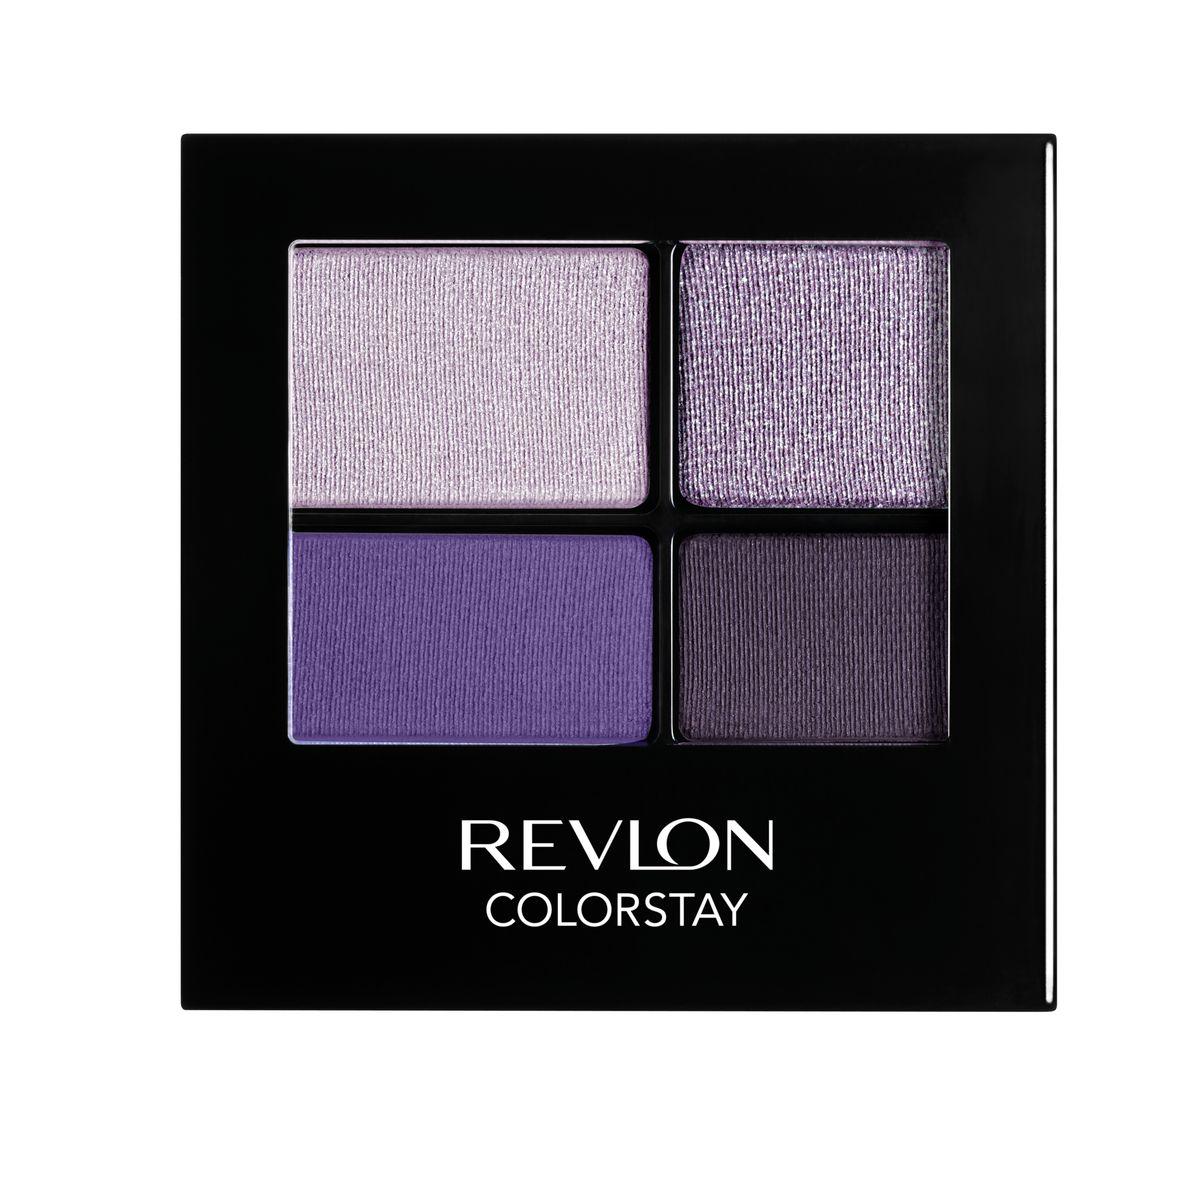 Revlon Тени для Век Четырехцветные Colorstay Eye16 Hour Eye Shadow Quad Seductive 530 42 г5010777139655Colorstay 16 Hour Sahdow - роскошные тени для век с шелковистой текстурой и невероятно стойкой формулой. Теперь ваш макияж сохранит свой безупречный вид не менее 16 часов! Все оттенки гармонично сочетаются друг с другом и легко смешиваются, позволяя создать бесконечное количество вариантов макияжа глаз: от нежных, естественных, едва заметных, до ярких, выразительных, драматических. На оборотной стороне продукта приведена схема нанесения.Аккуратно нанести на веки специальной кисточкой.